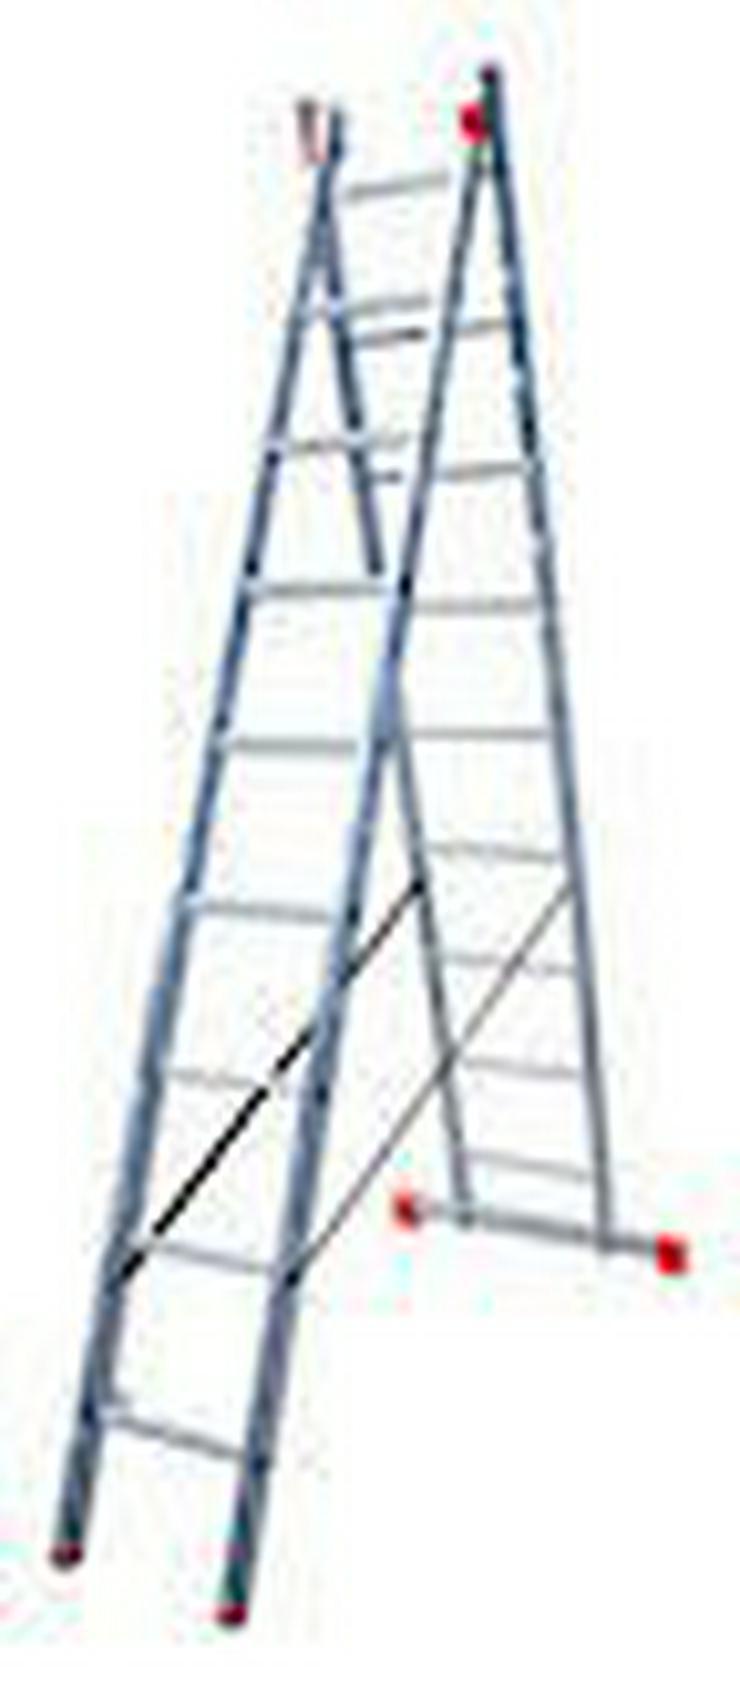 Prüfung von Leitern, Tritte und Fahrgerüsten